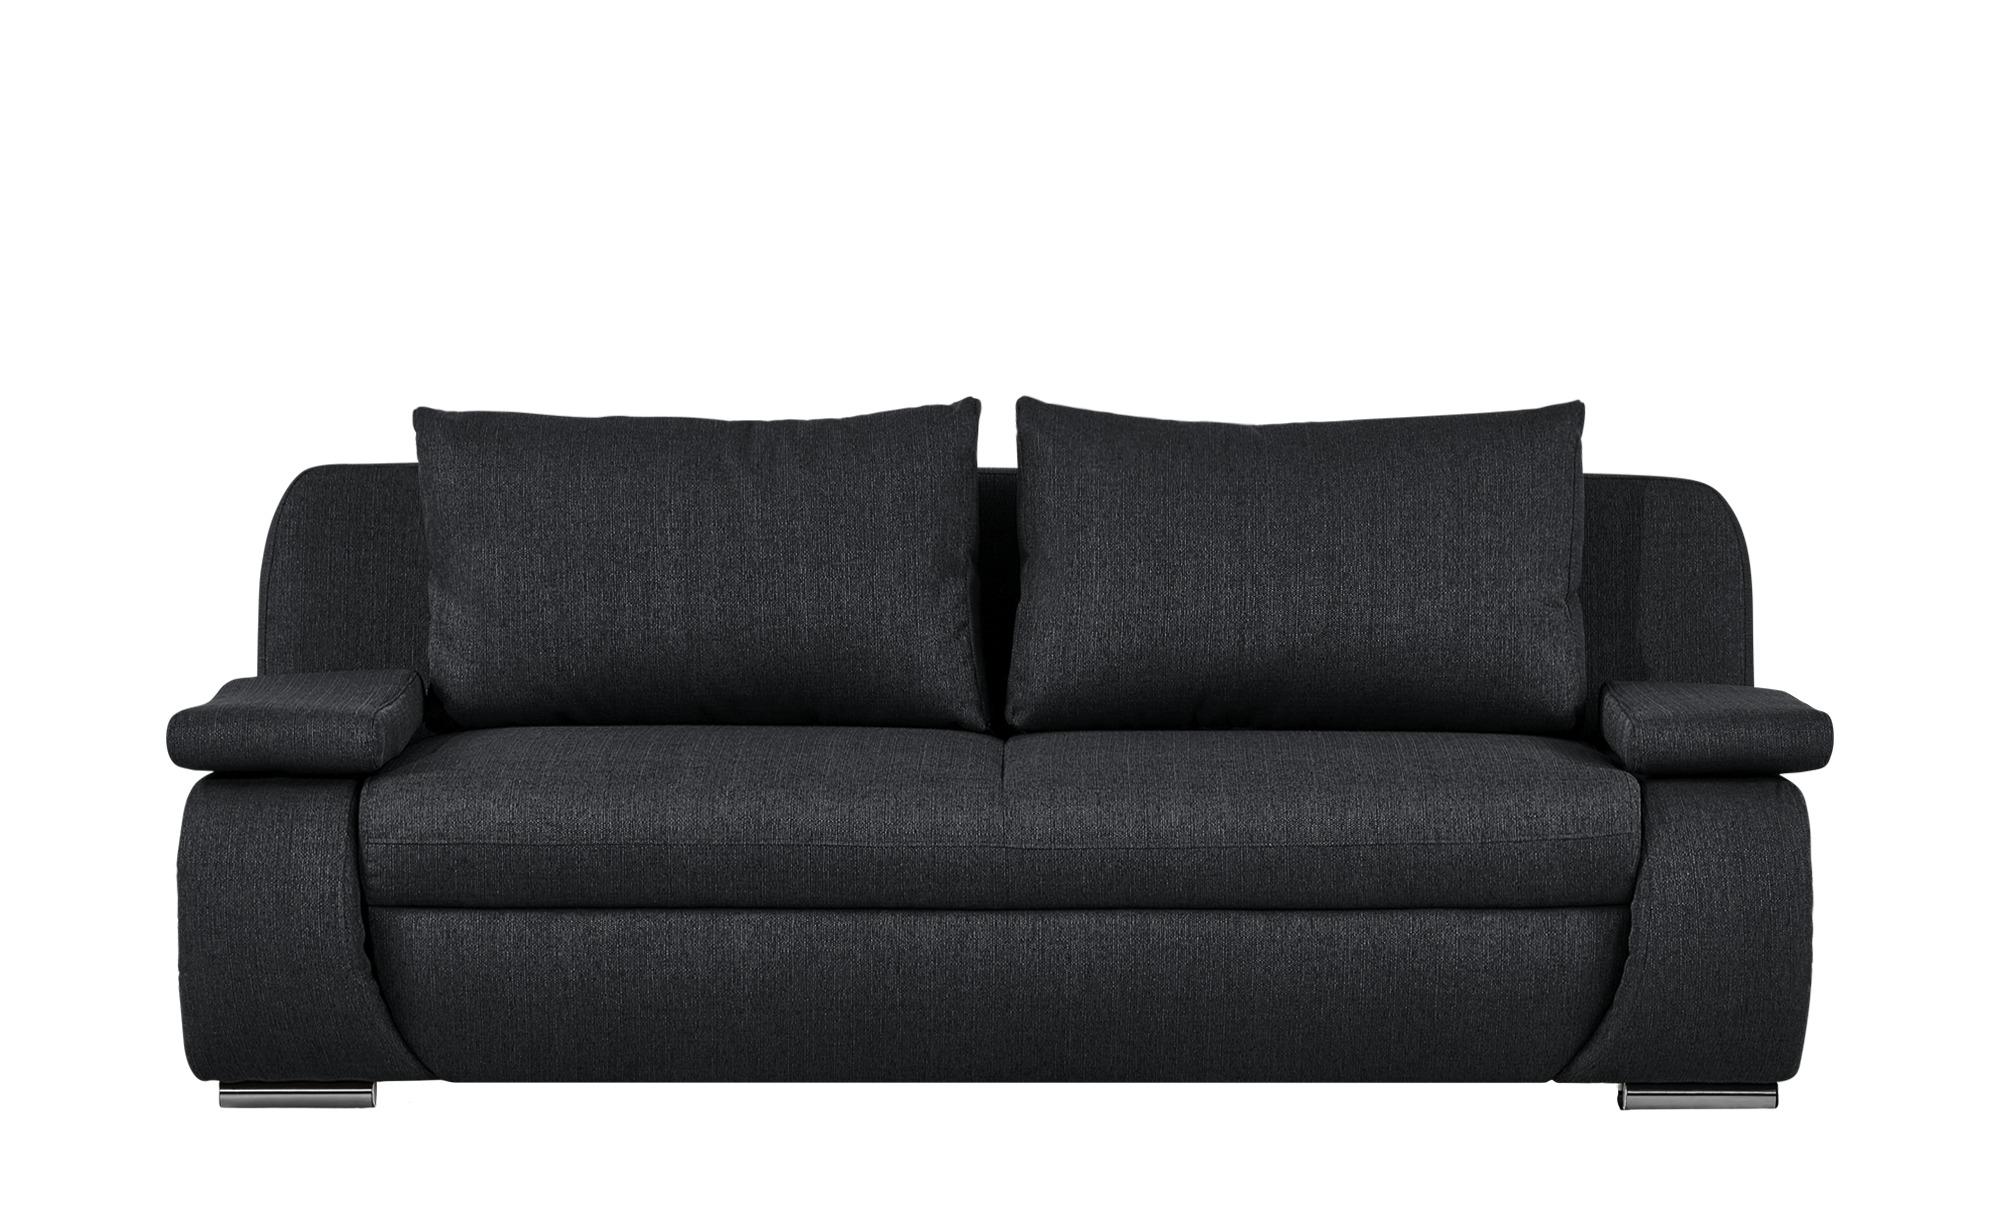 smart Schlafsofa  schwarz - Webstoff Bonita ¦ schwarz ¦ Maße (cm): B: 210 H: 87 T: 100 Polstermöbel > Sofas > 2-Sitzer - Höffner